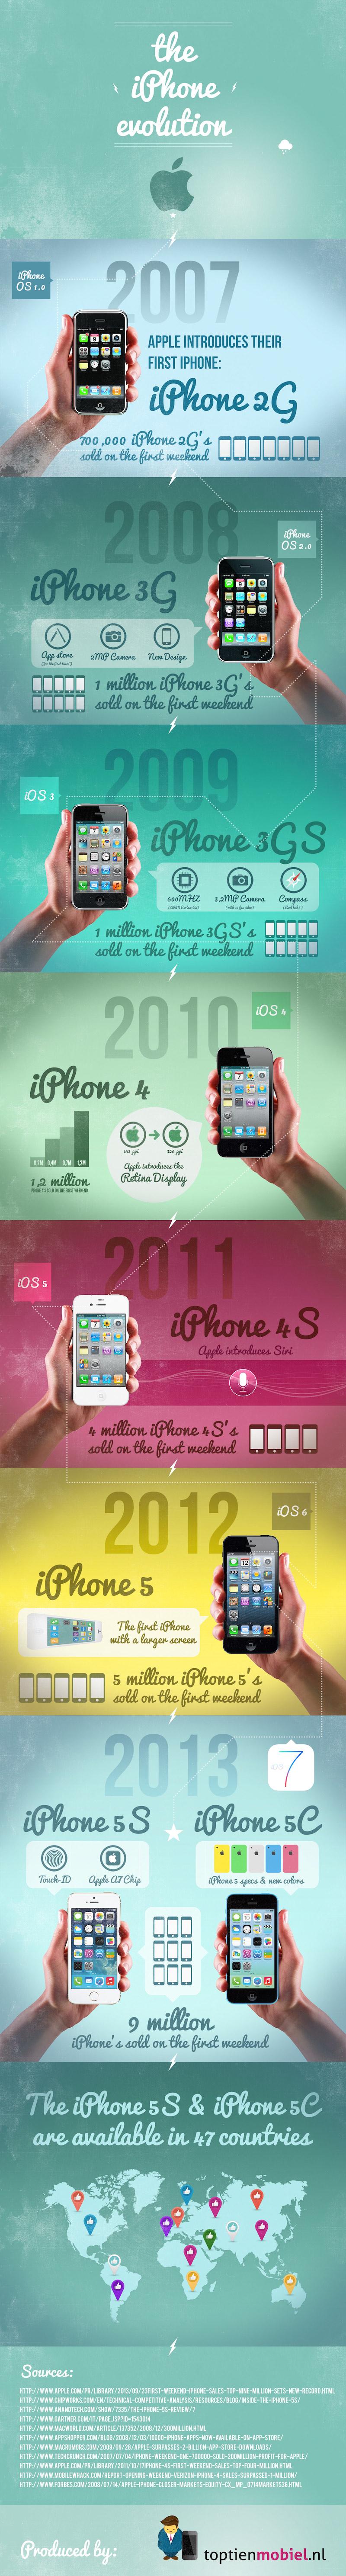 Evolución del iPhone a través de los años [Infografía] - Evolucion-iPhone